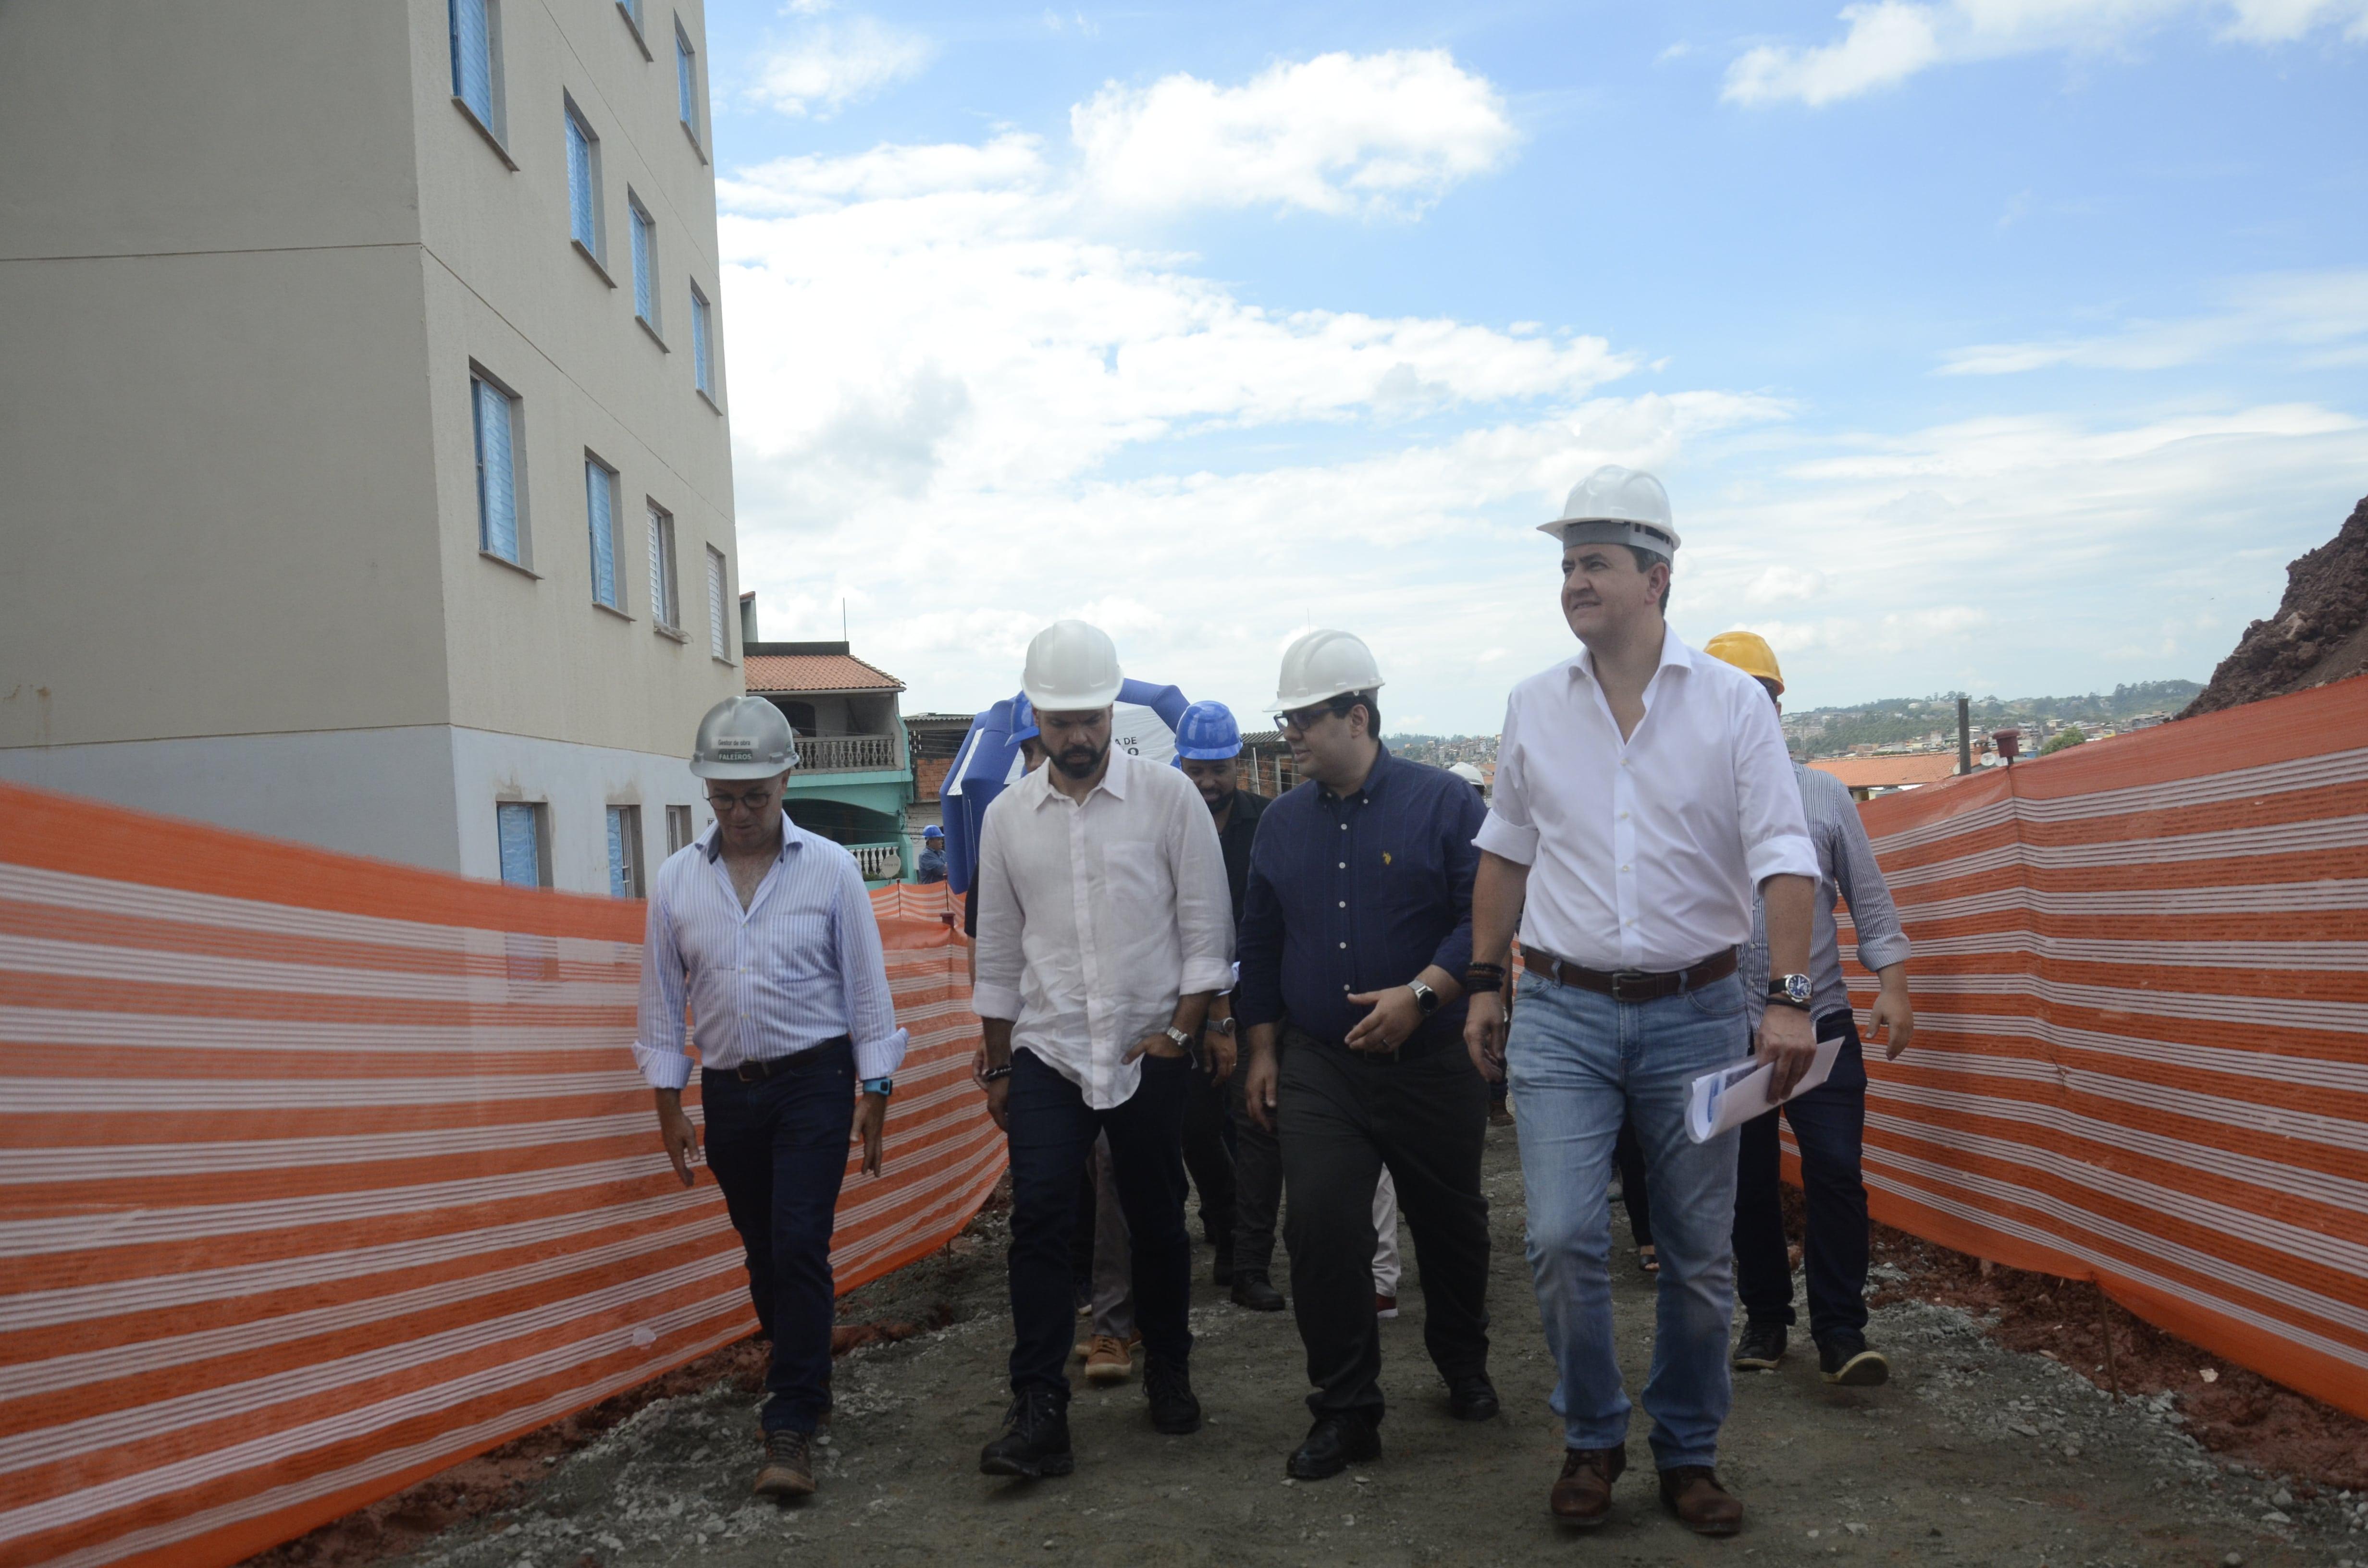 O Prefeito de São Paulo Bruno Covas e Presidente da Cohab Alexsandro Peixe caminhando em meio a duas divisórias sinalizando o local das obras